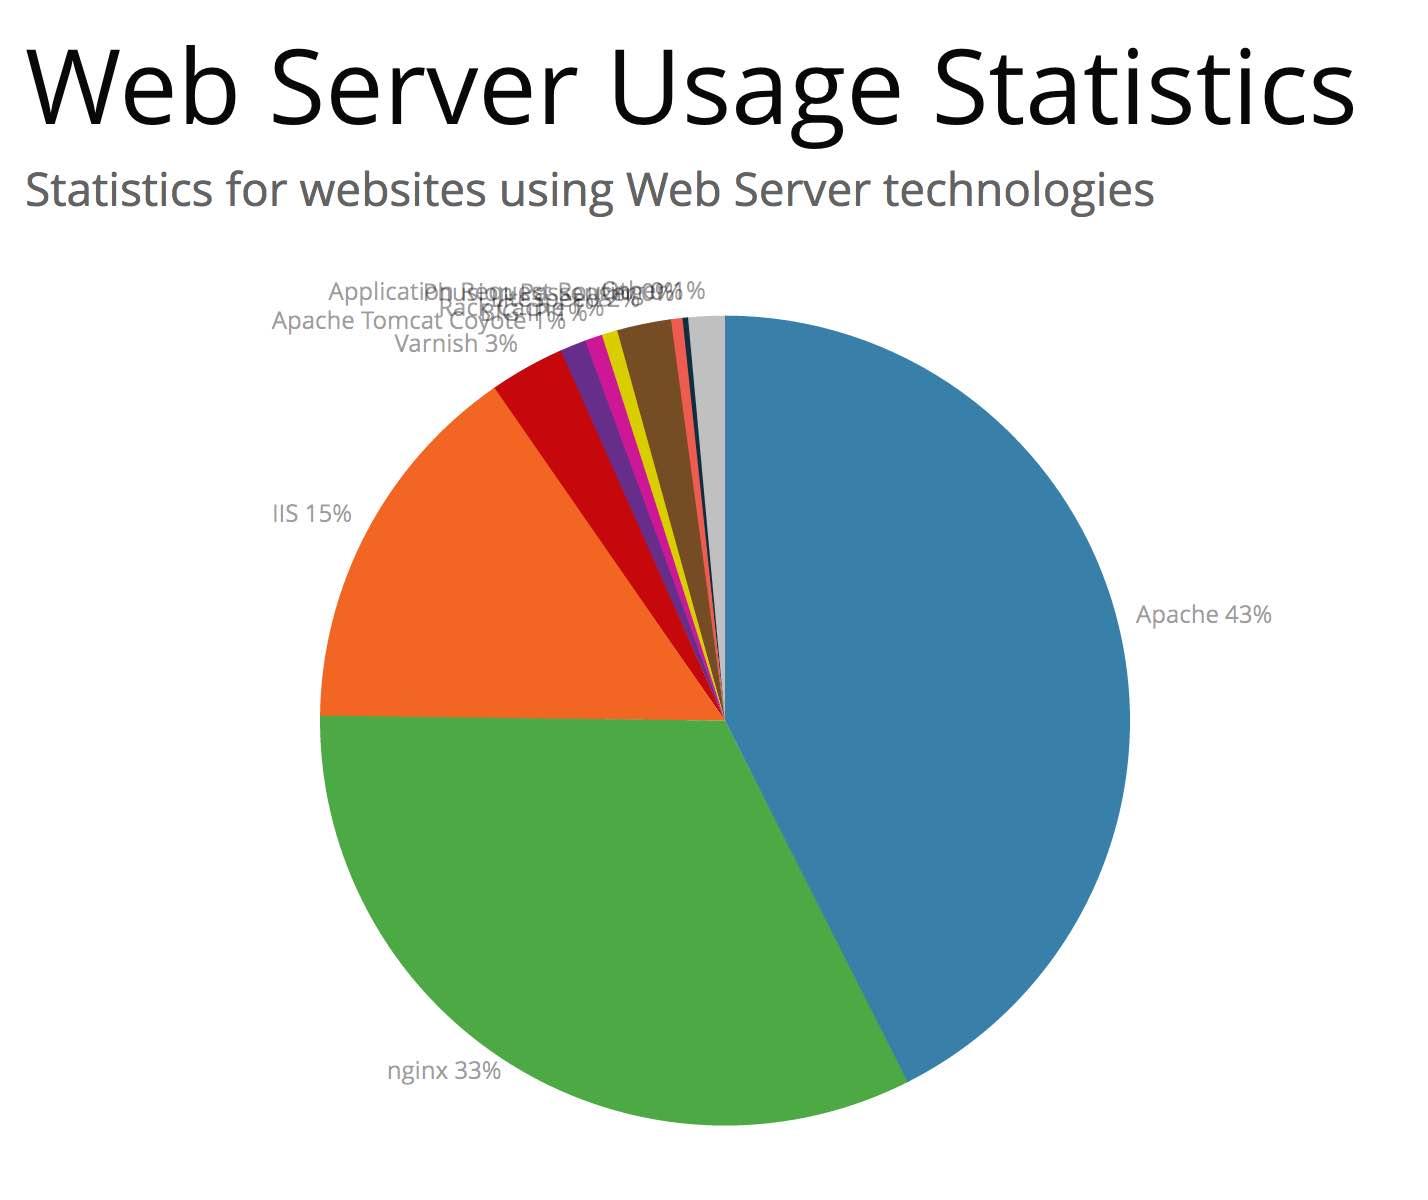 Els servidors web en codi obert lideren